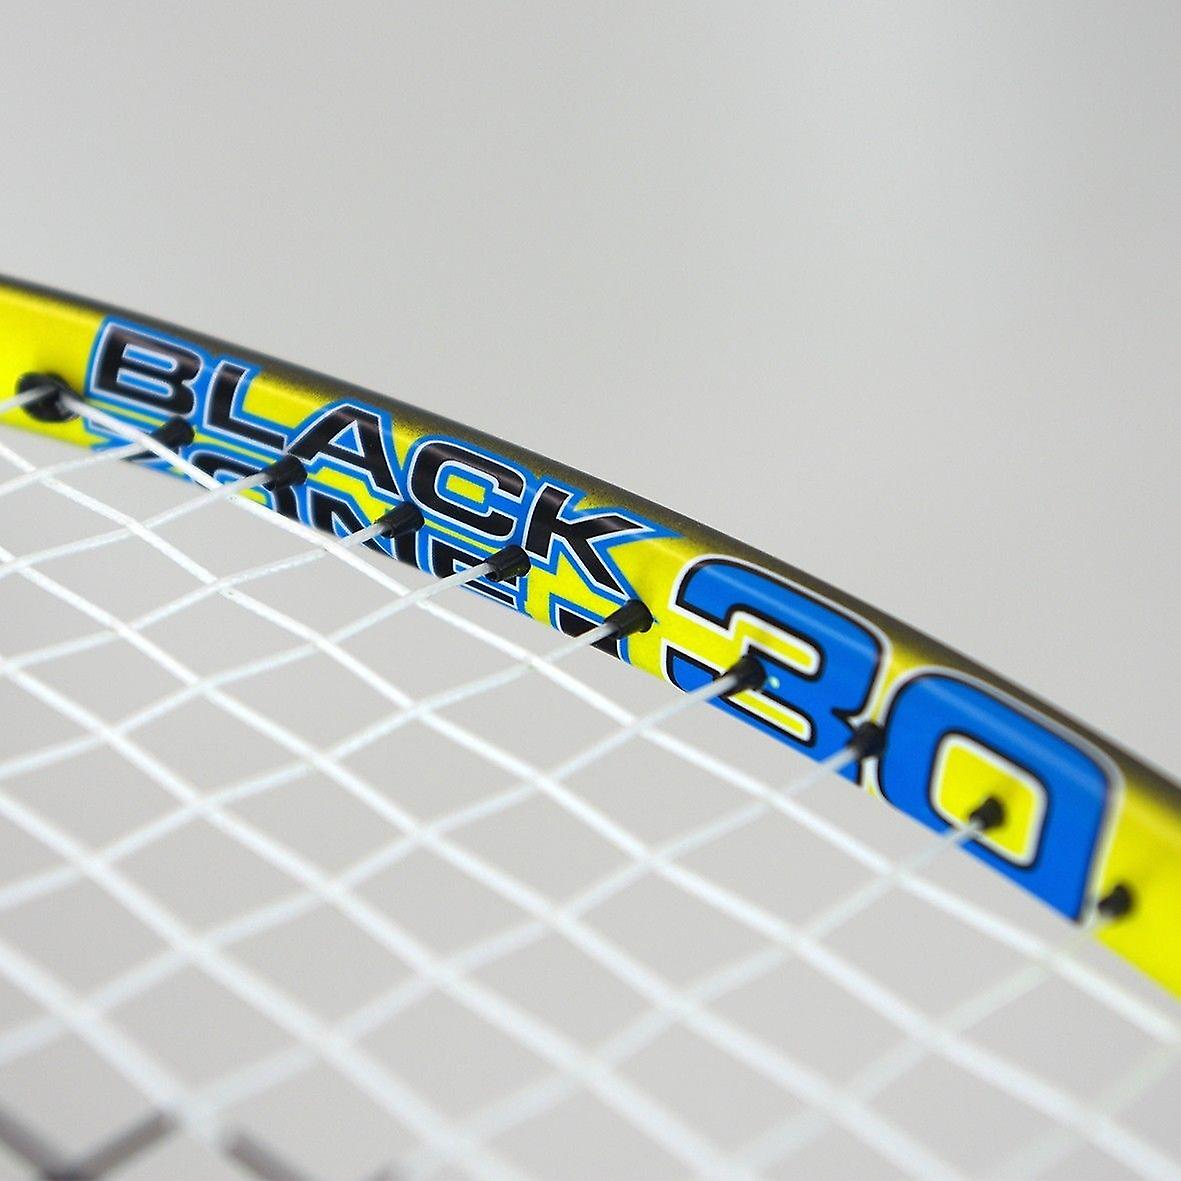 Karakal Black Zone 30 Badminton Racket Graphite 82g Isometric Head Flex Frame